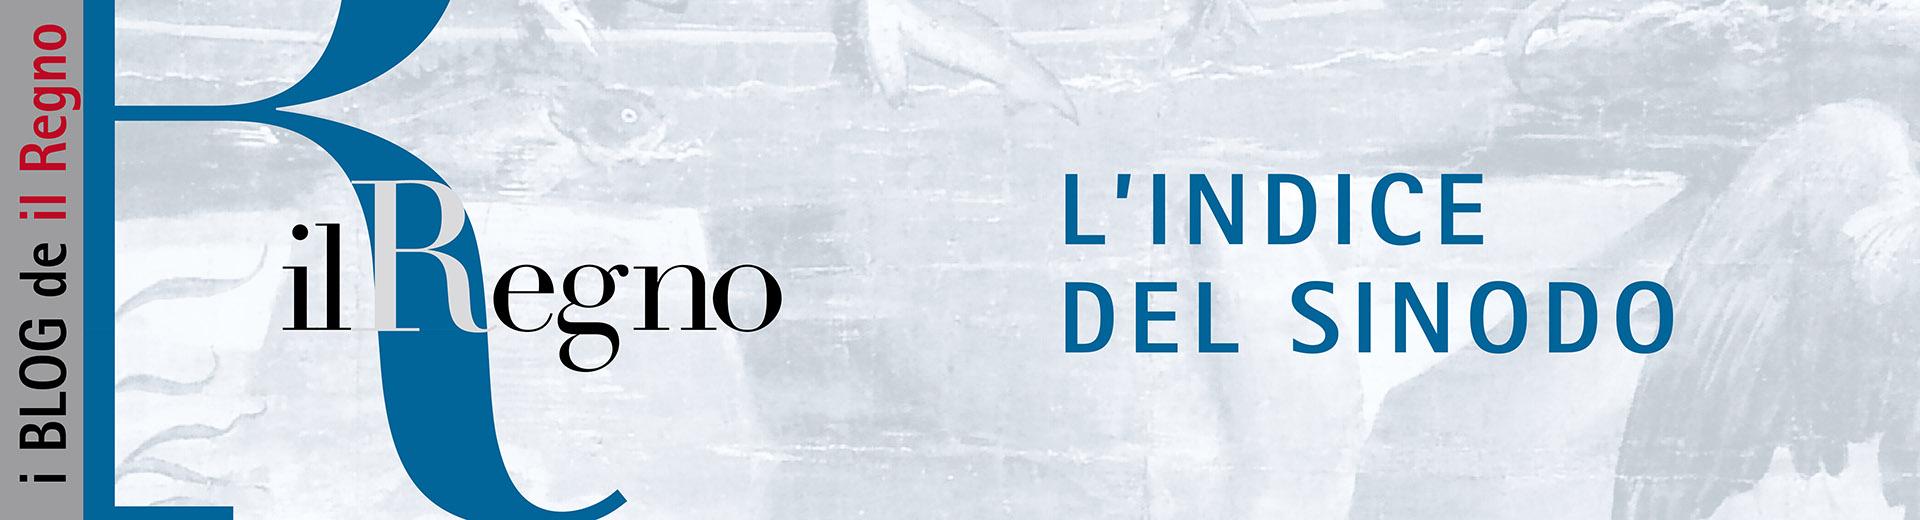 Blog Sinodo banner